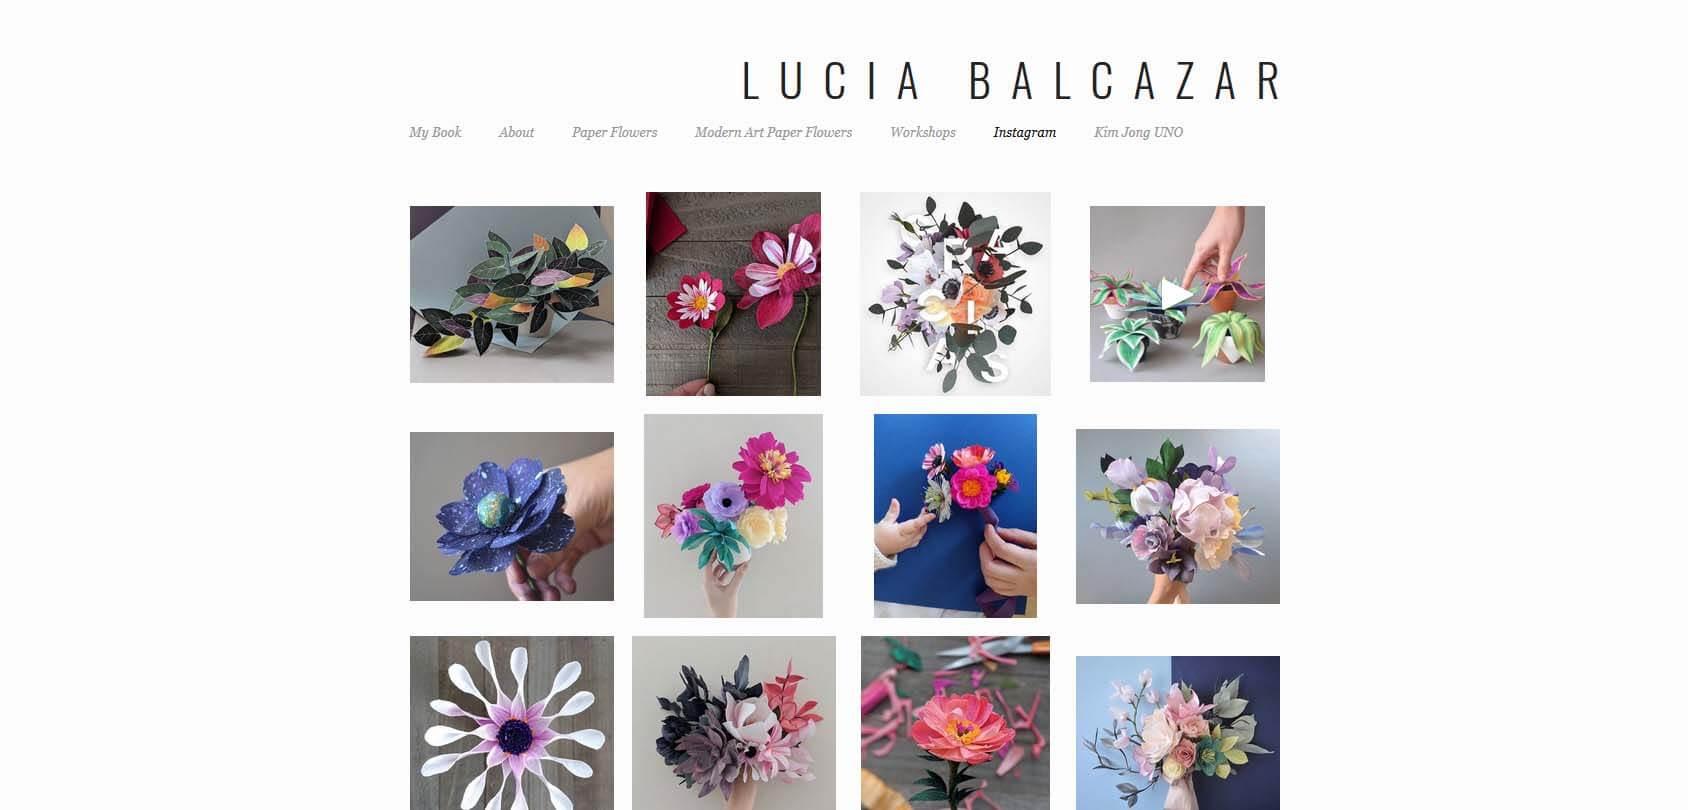 Lucia Balcazaar Homepage